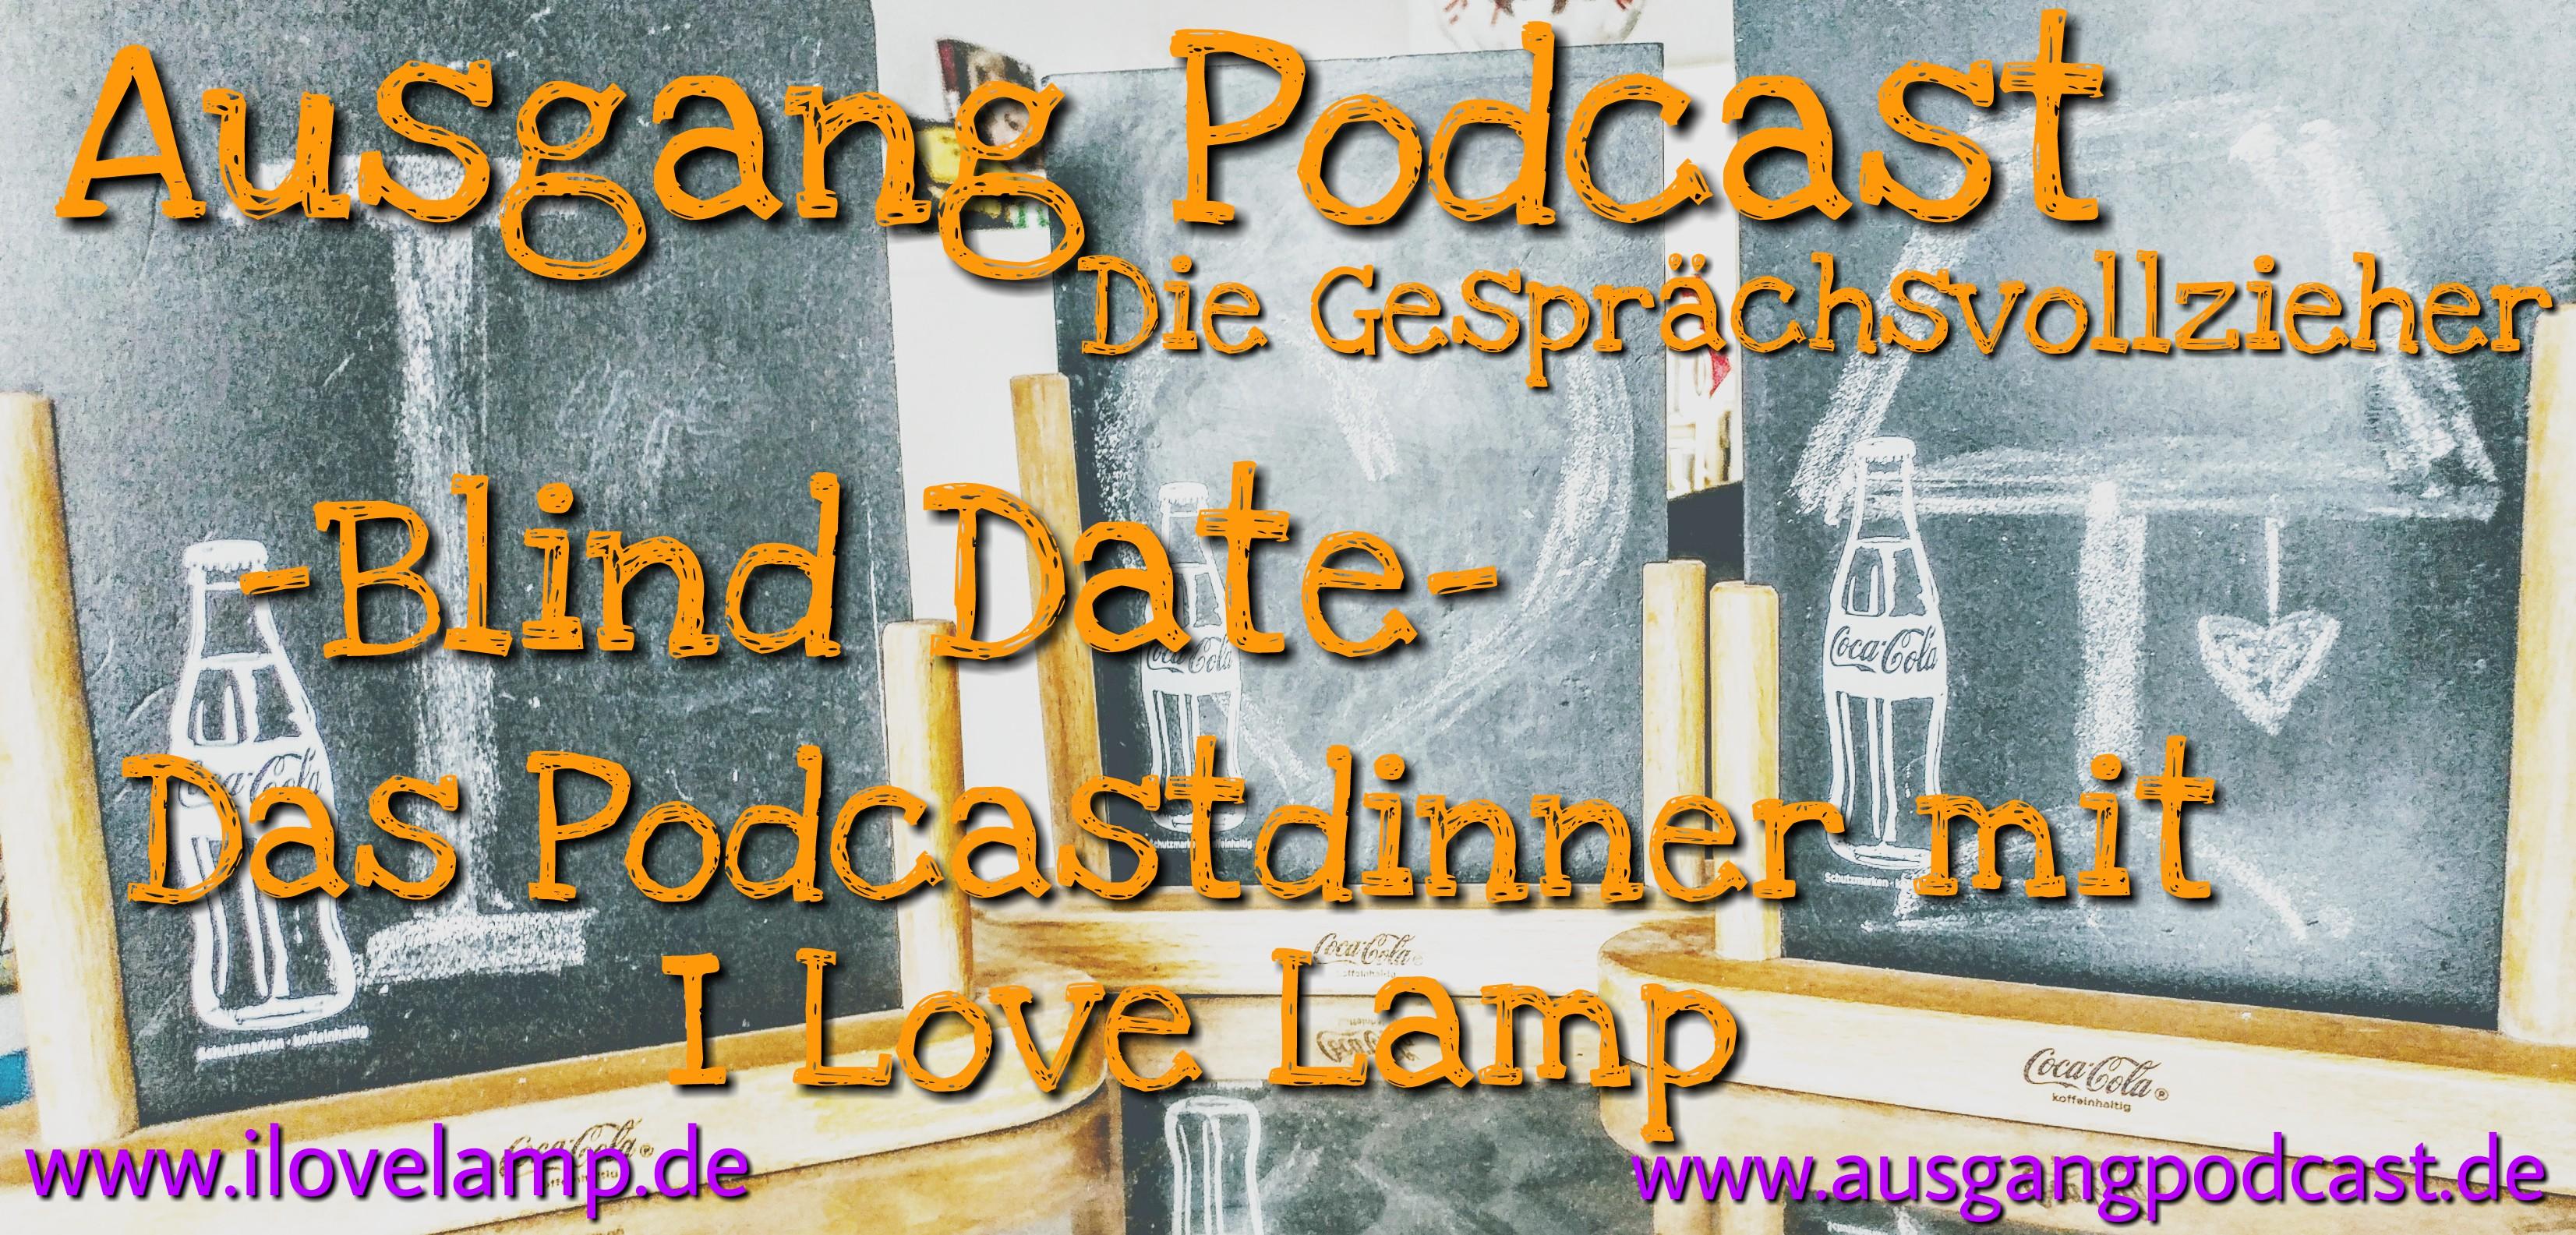 Blind Date - Podcastdinner mit I LOVE LAMP